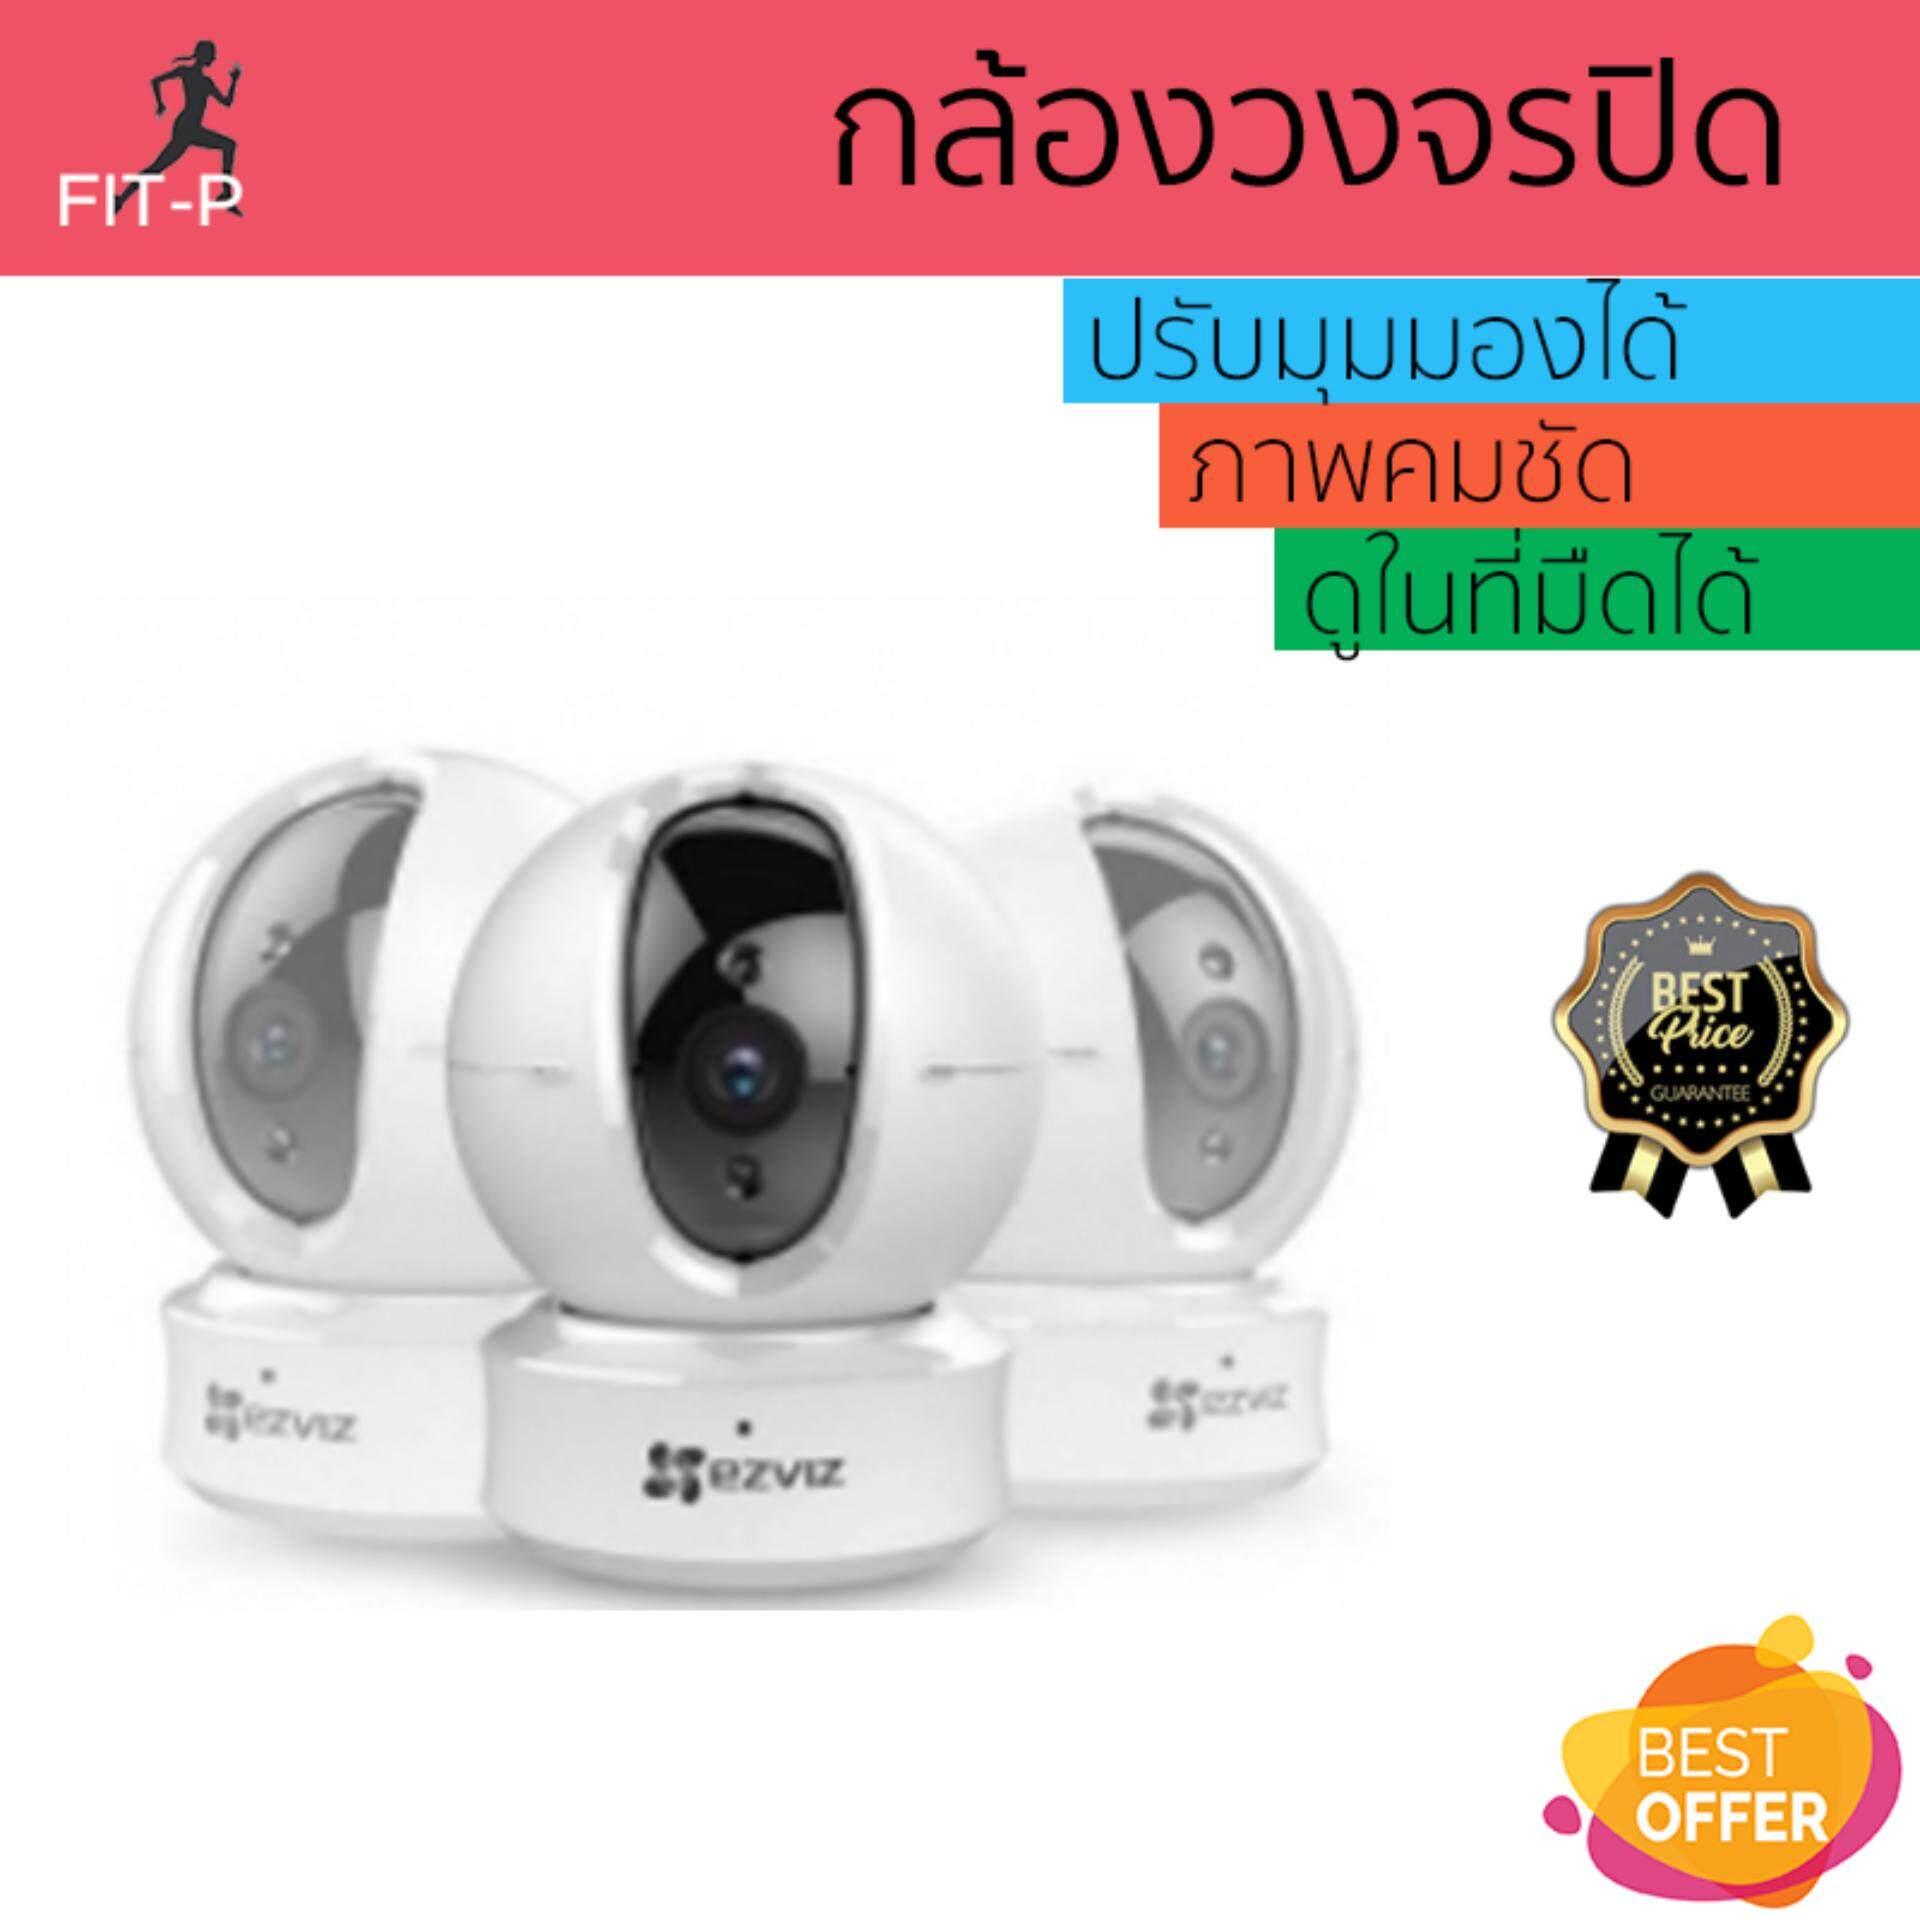 ลดสุดๆ โปรโมชัน กล้องวงจรปิด           EZVIZ กล้องวงจรปิด (สีขาว) รุ่น C6C Mini 360 720P WI-FI CV246-B03B1WFR             ภาพคมชัด ปรับมุมมองได้ กล้อง IP Camera รับประกันสินค้า 1 ปี จัดส่งฟรี Kerry ทั